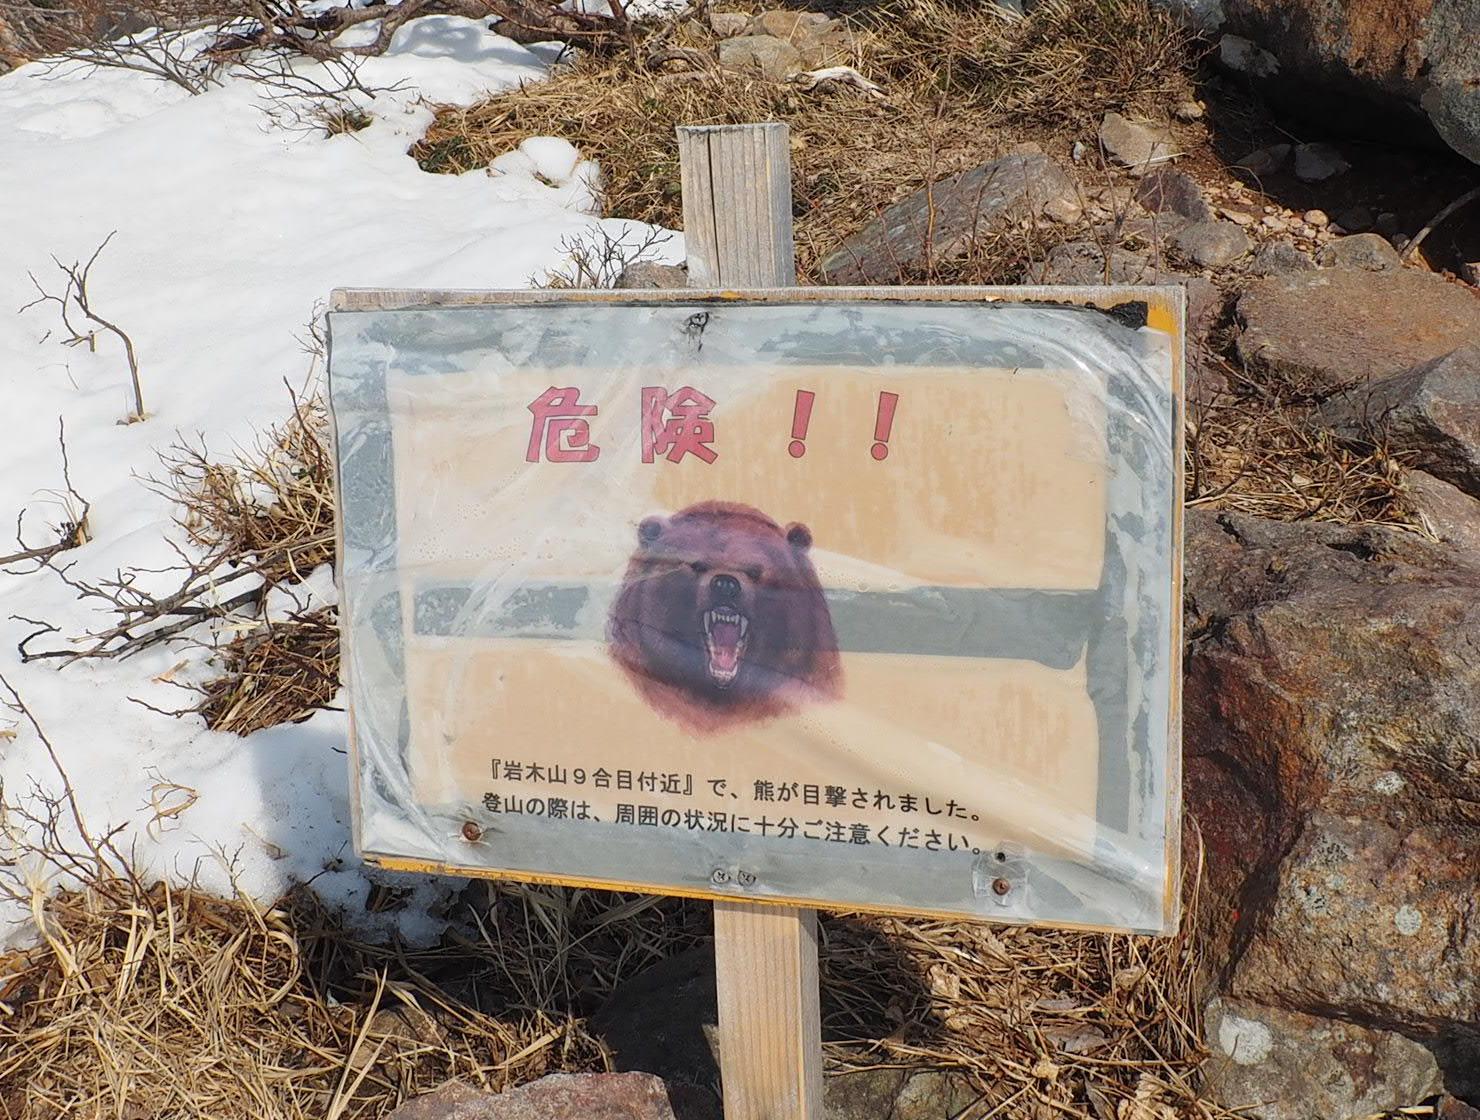 9合目付近で熊の目撃情報あり